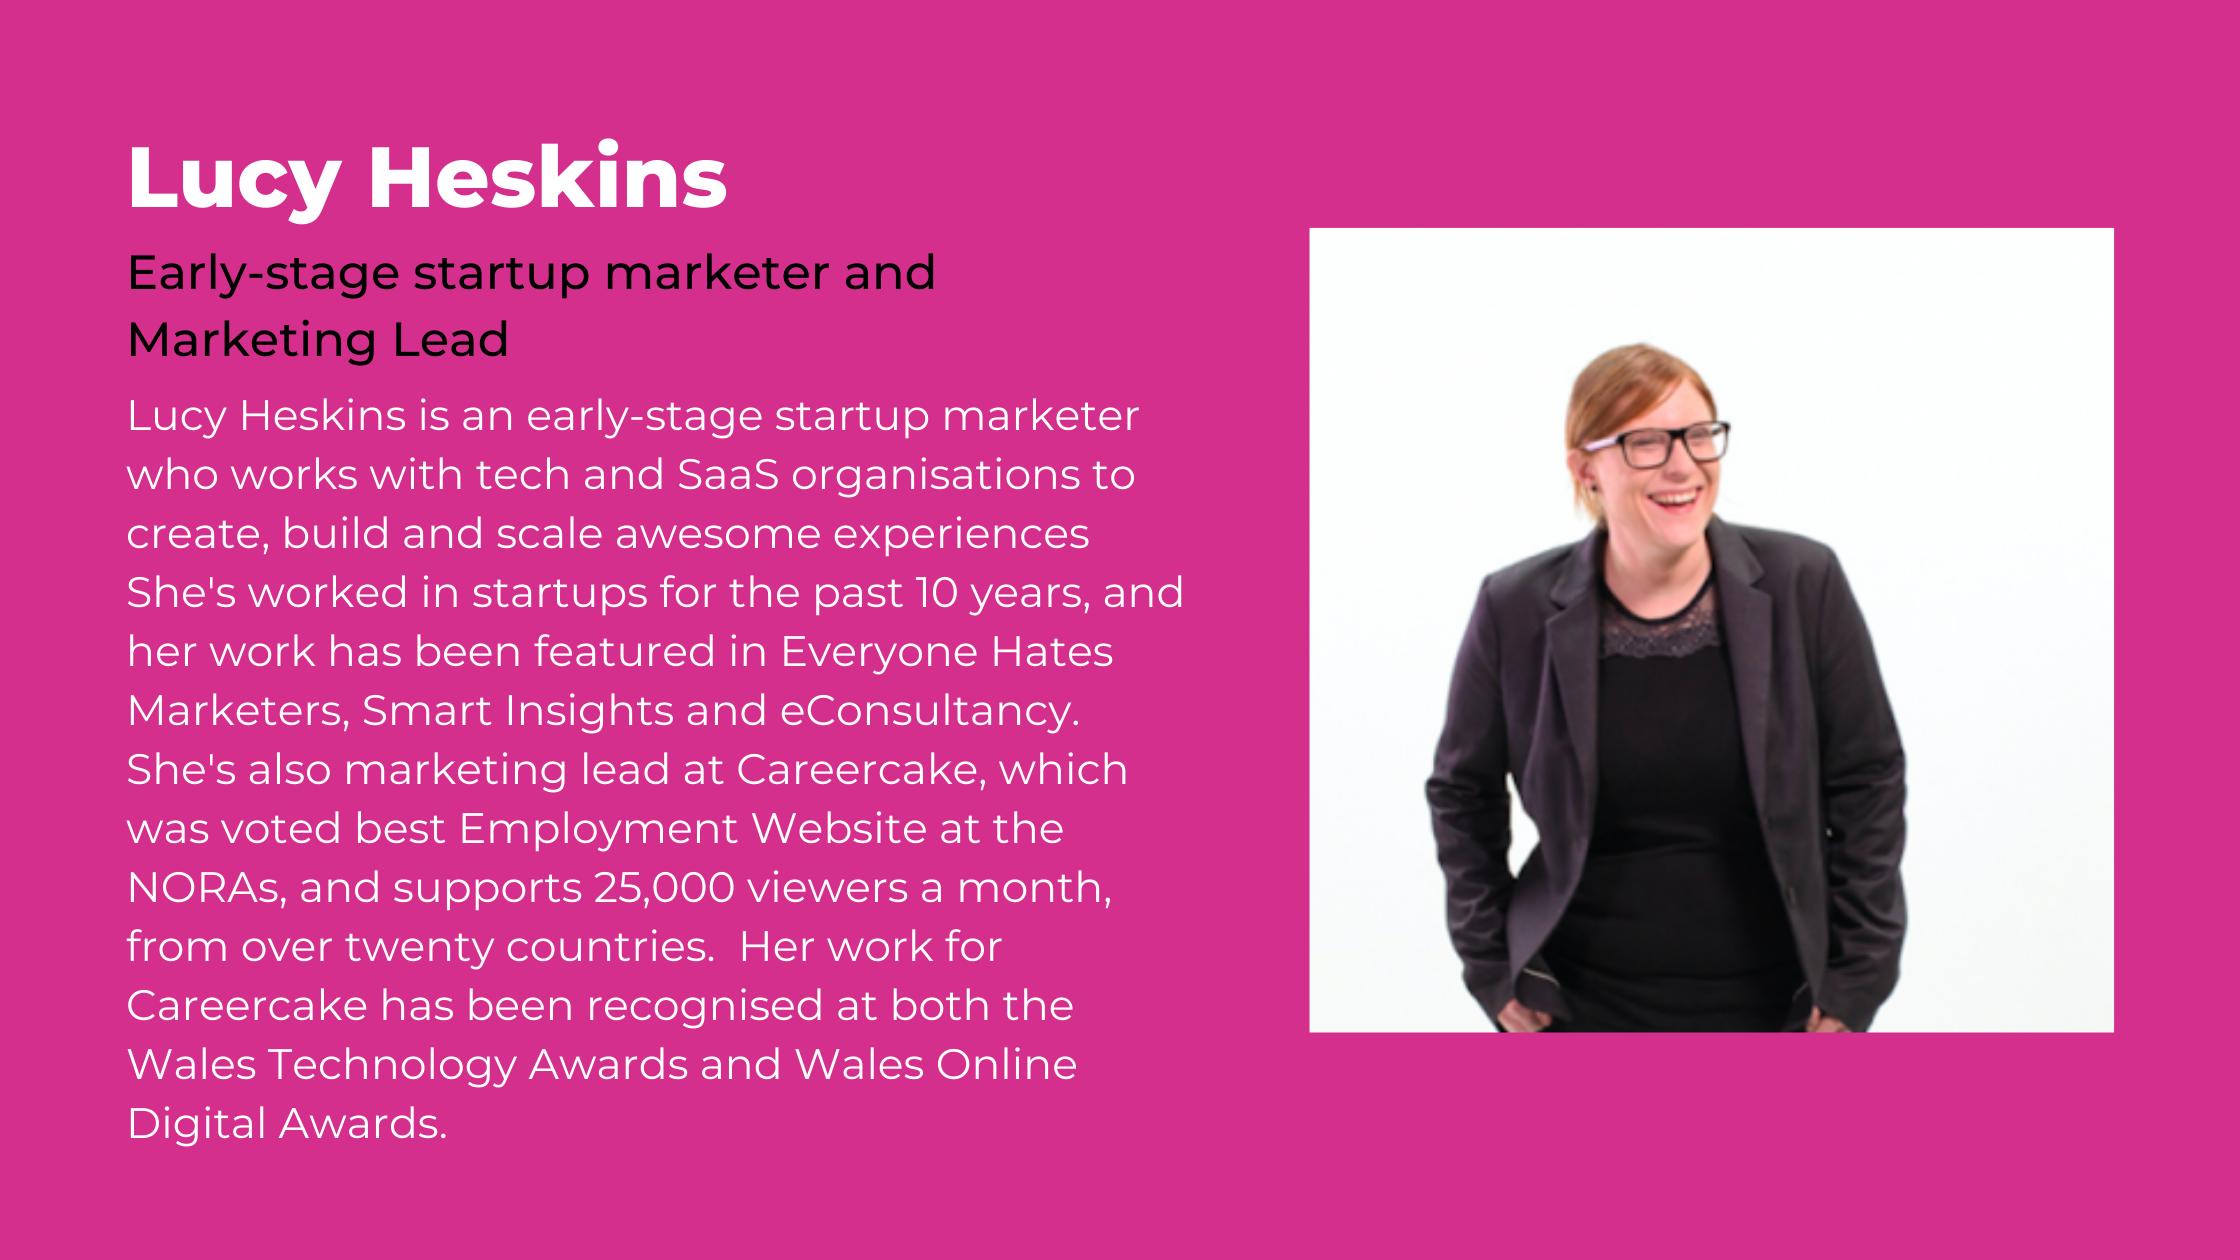 Lucy Heskins inOrbit speaker webinar